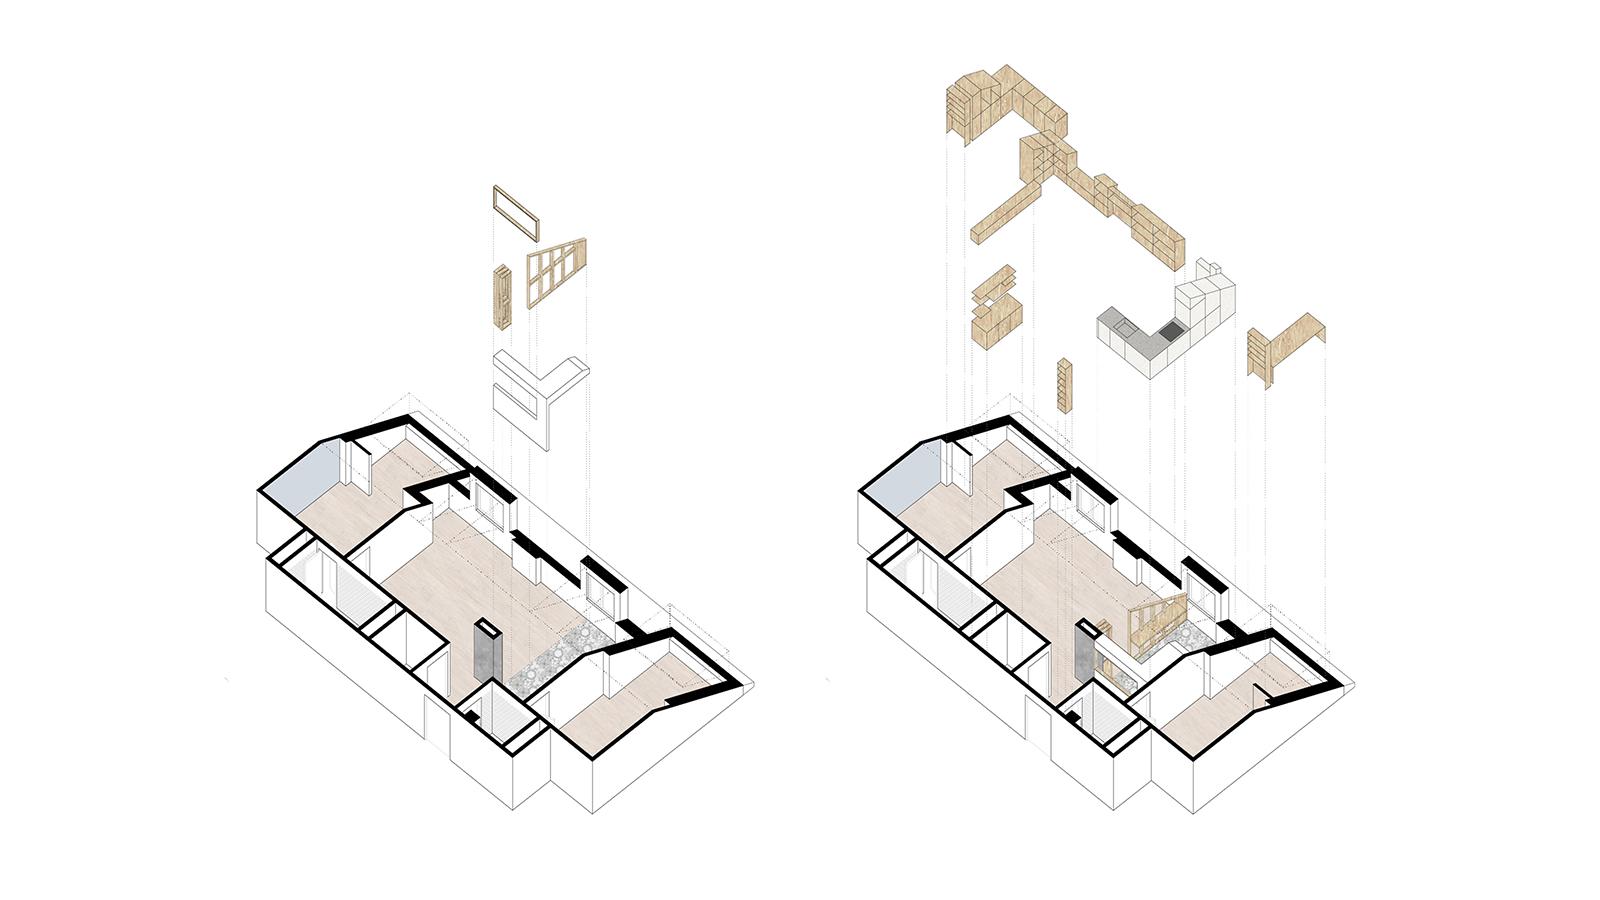 Reforma vivienda EA. Axonometría proceso